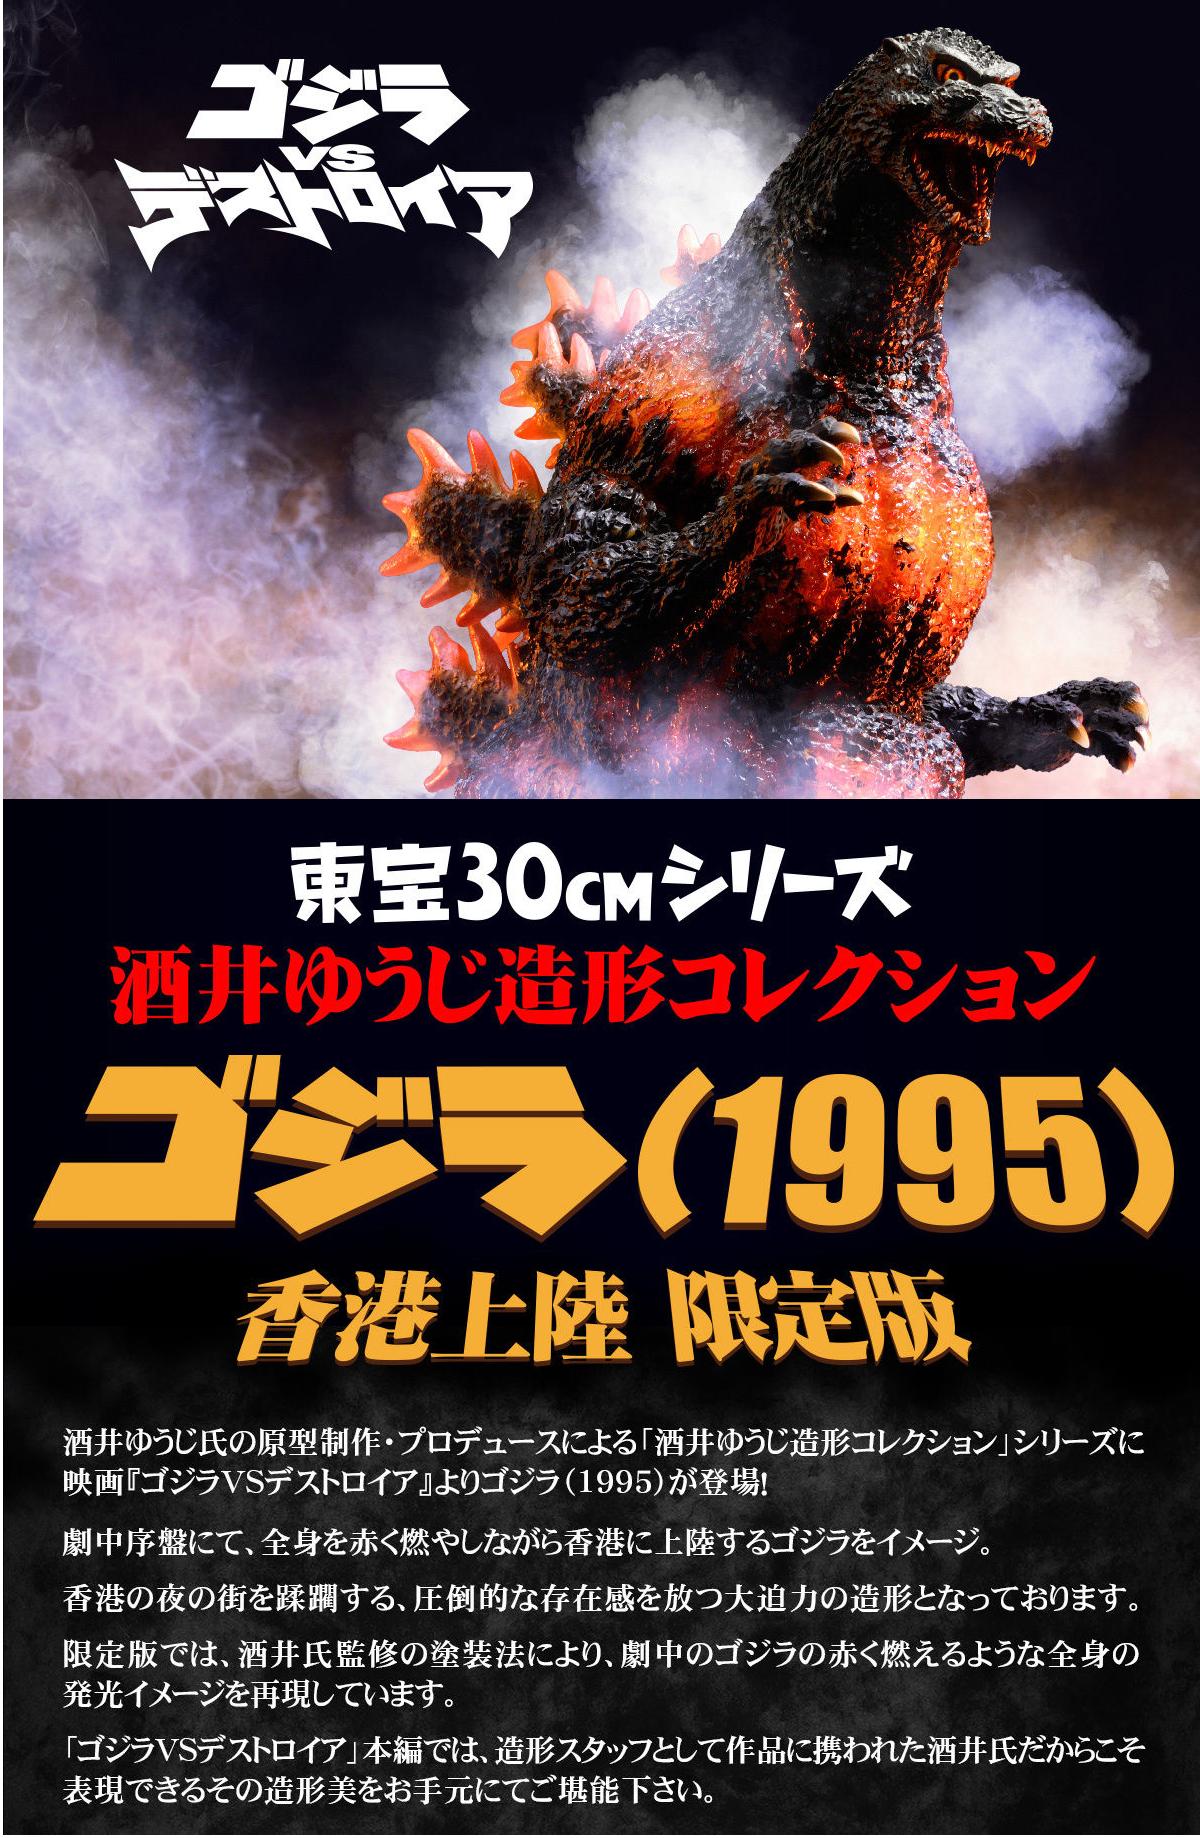 東宝30cmシリーズ 酒井ゆうじ造形コレクション ゴジラ(1995) 香港上陸 限定版07